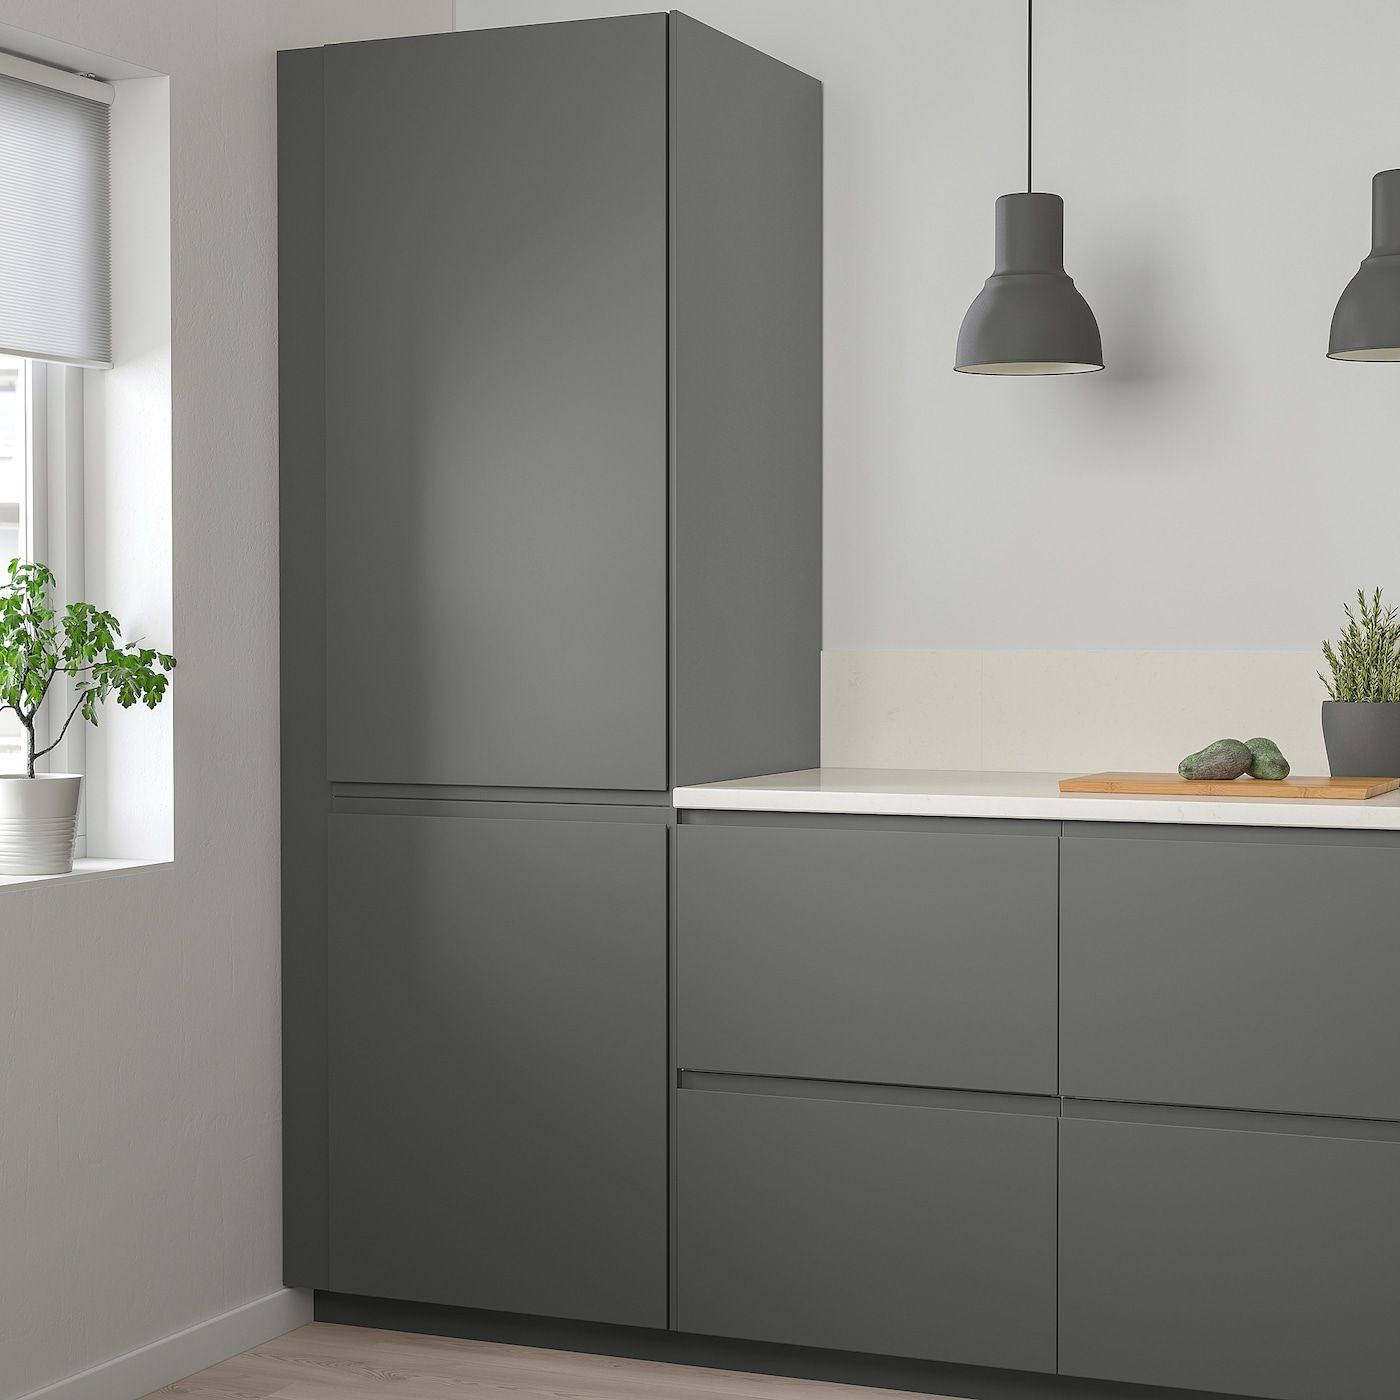 Voxtorp Deur Donkergrijs 60x80 Cm Ikea In 2020 Kuchendesign Modern Kuchenturen Kuchendesign